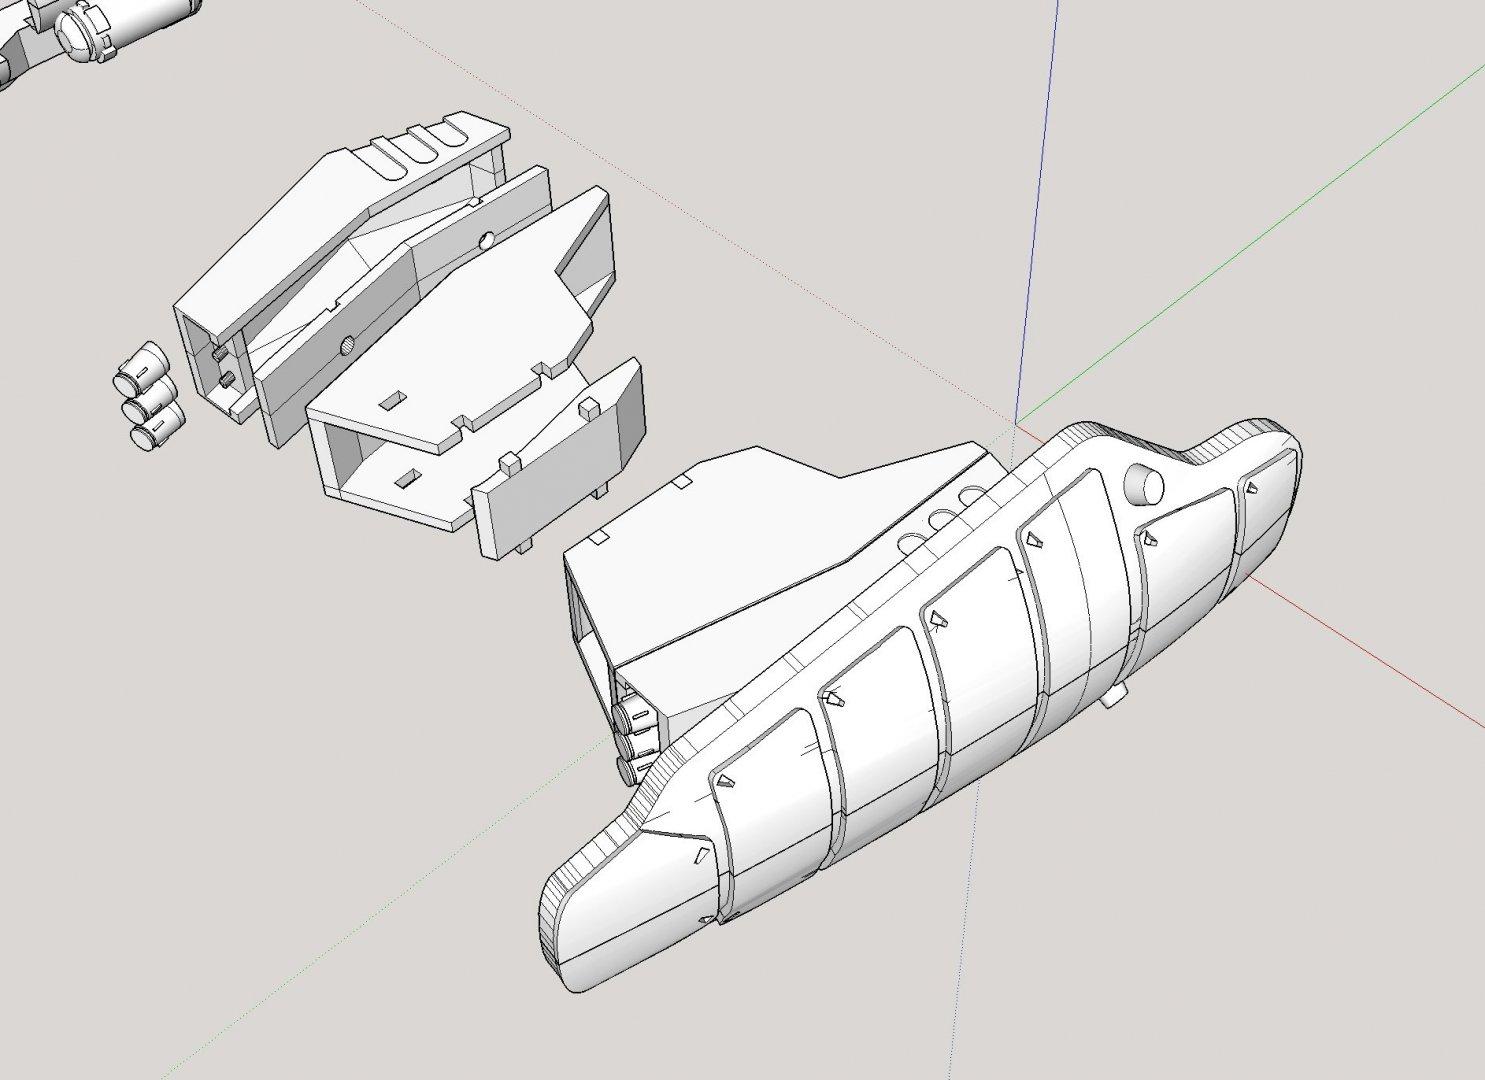 VF-11_Arms.jpg